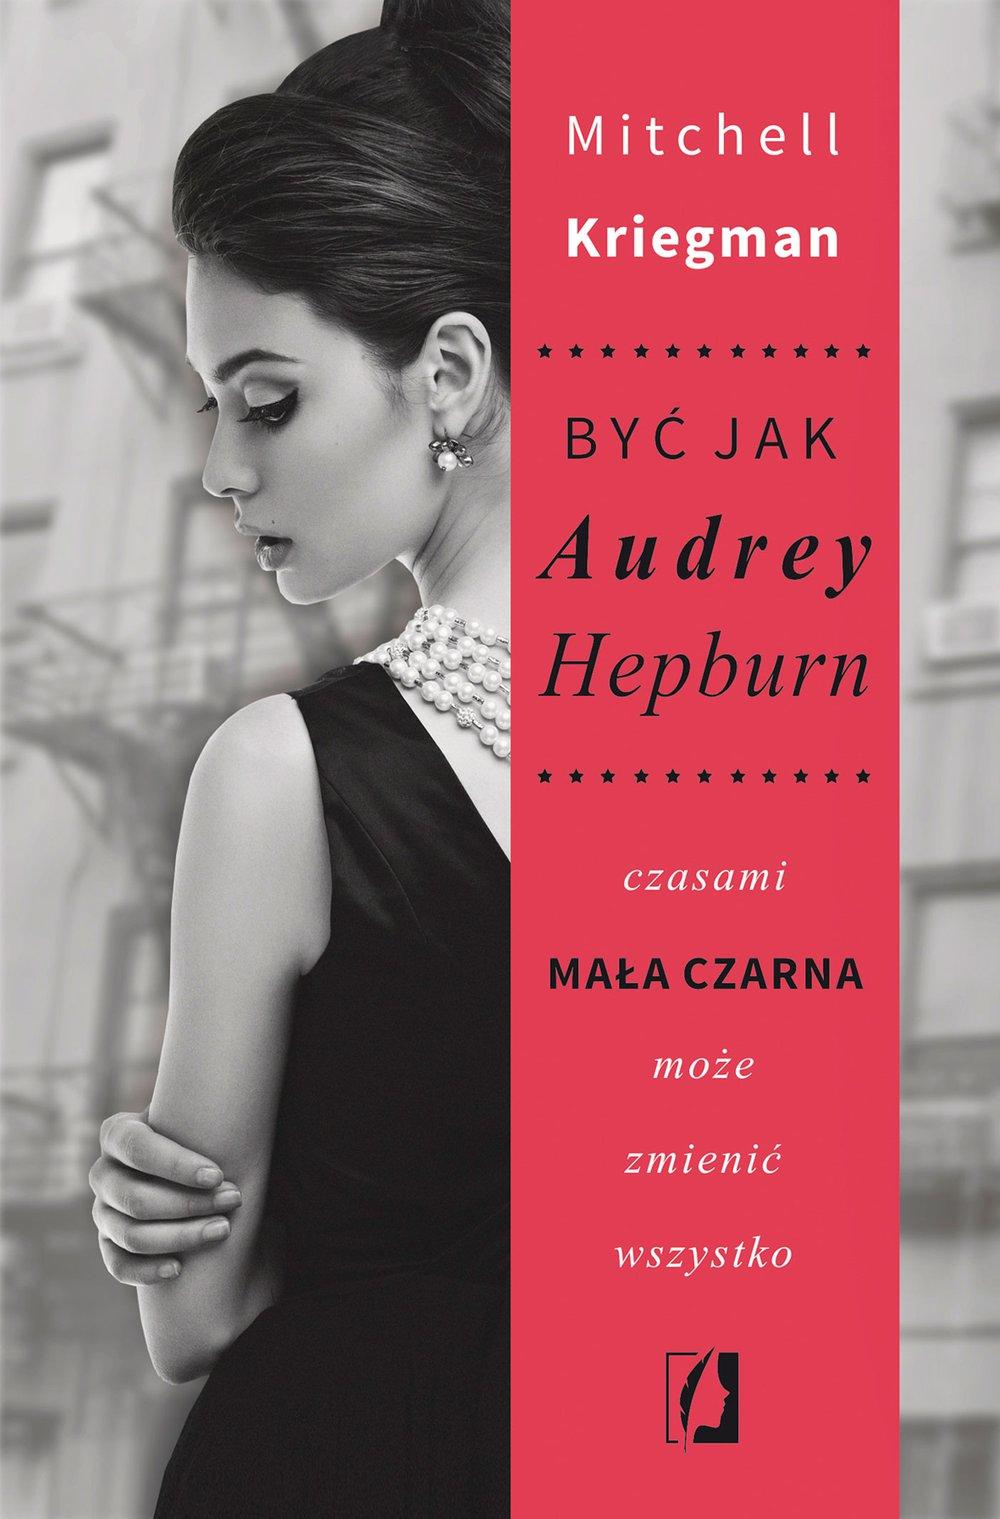 Być jak Audrey Hepburn. Czasami mała czarna może zmienić wszystko - Ebook (Książka na Kindle) do pobrania w formacie MOBI